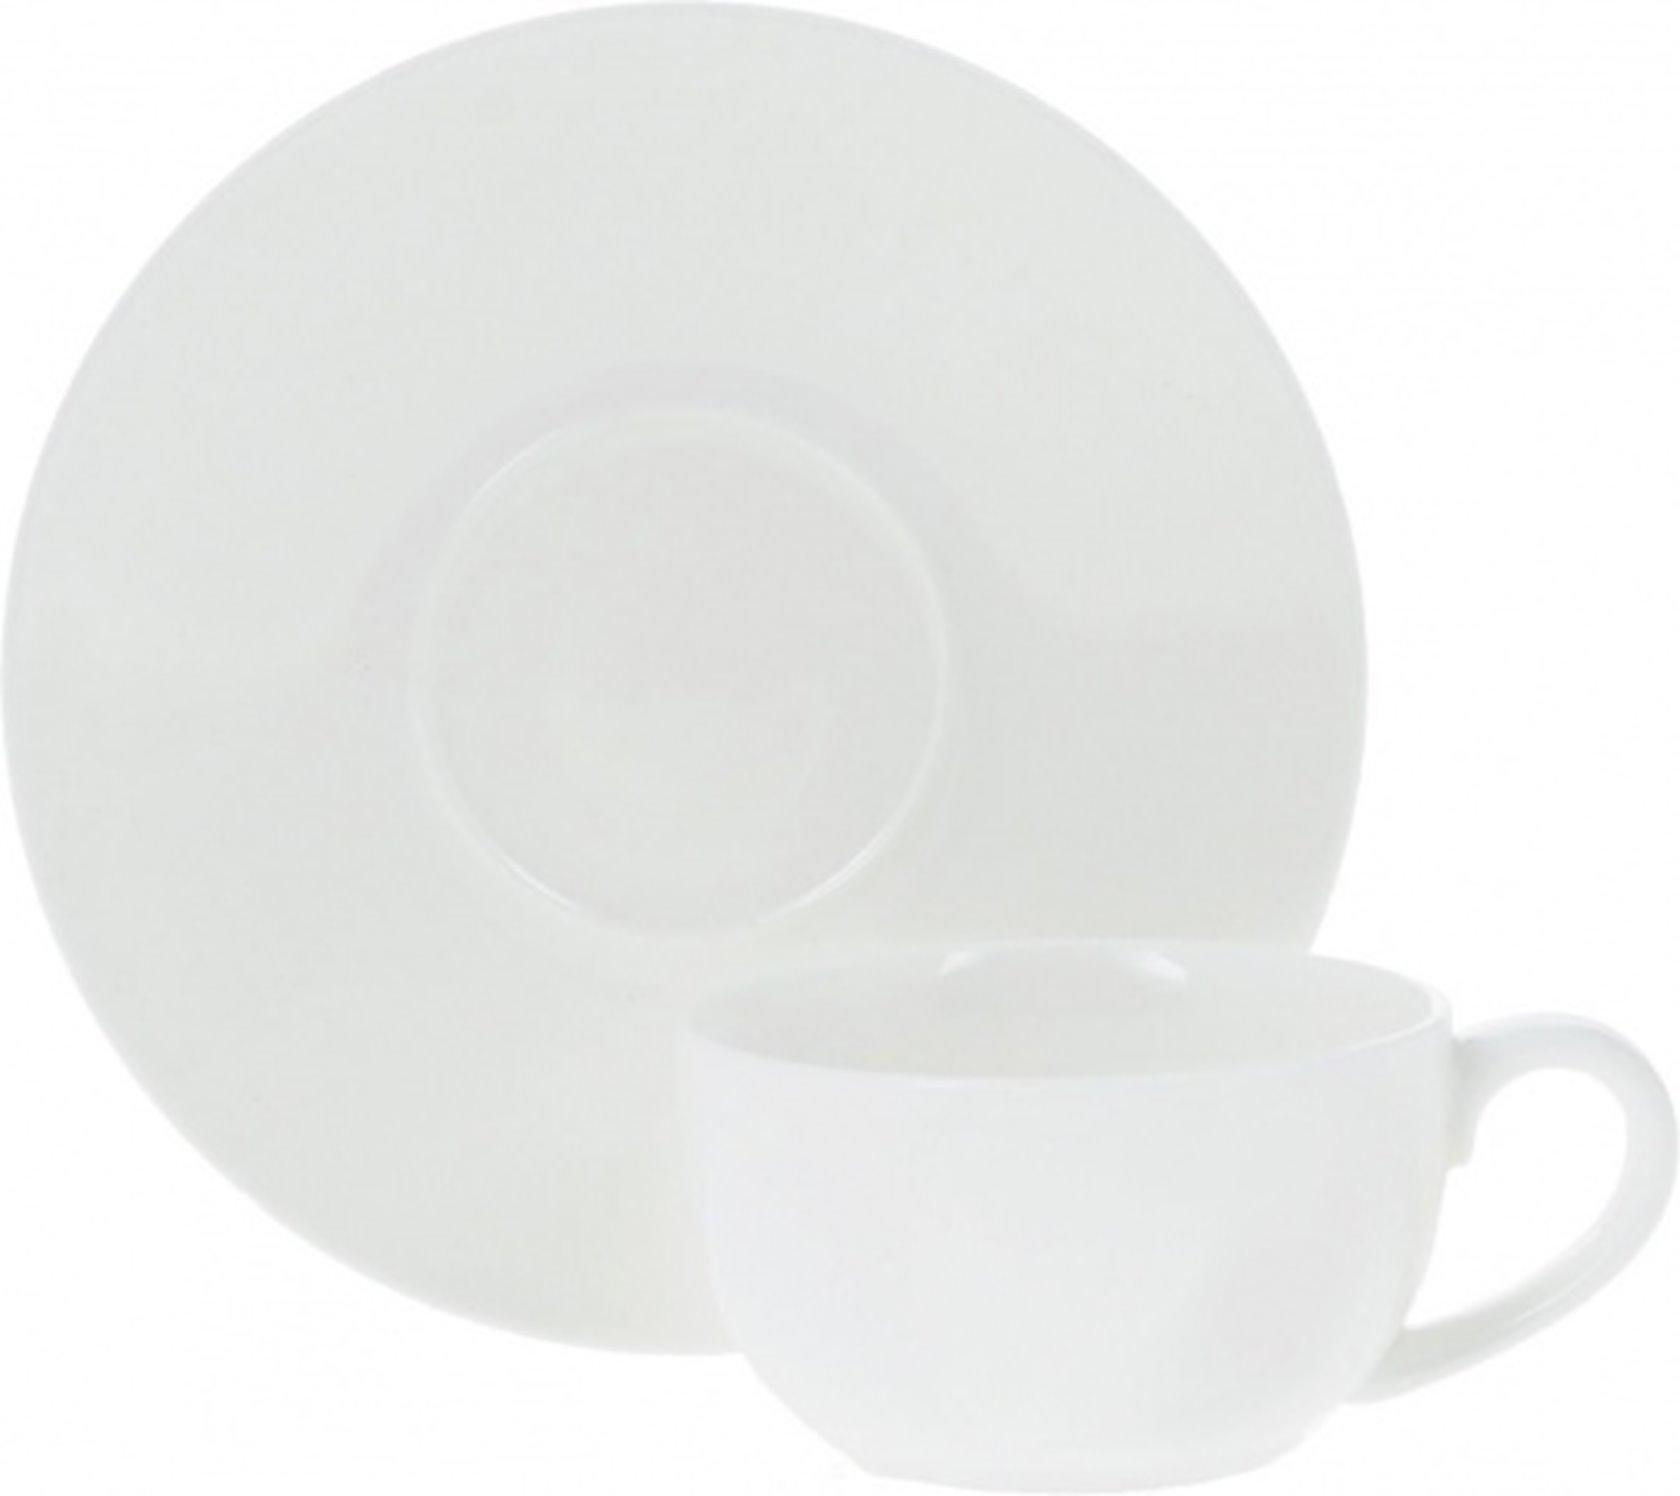 6 nəlbəkili qəhvə fincanından ibarət dəst Wilmax 993002/6C, 100 ml